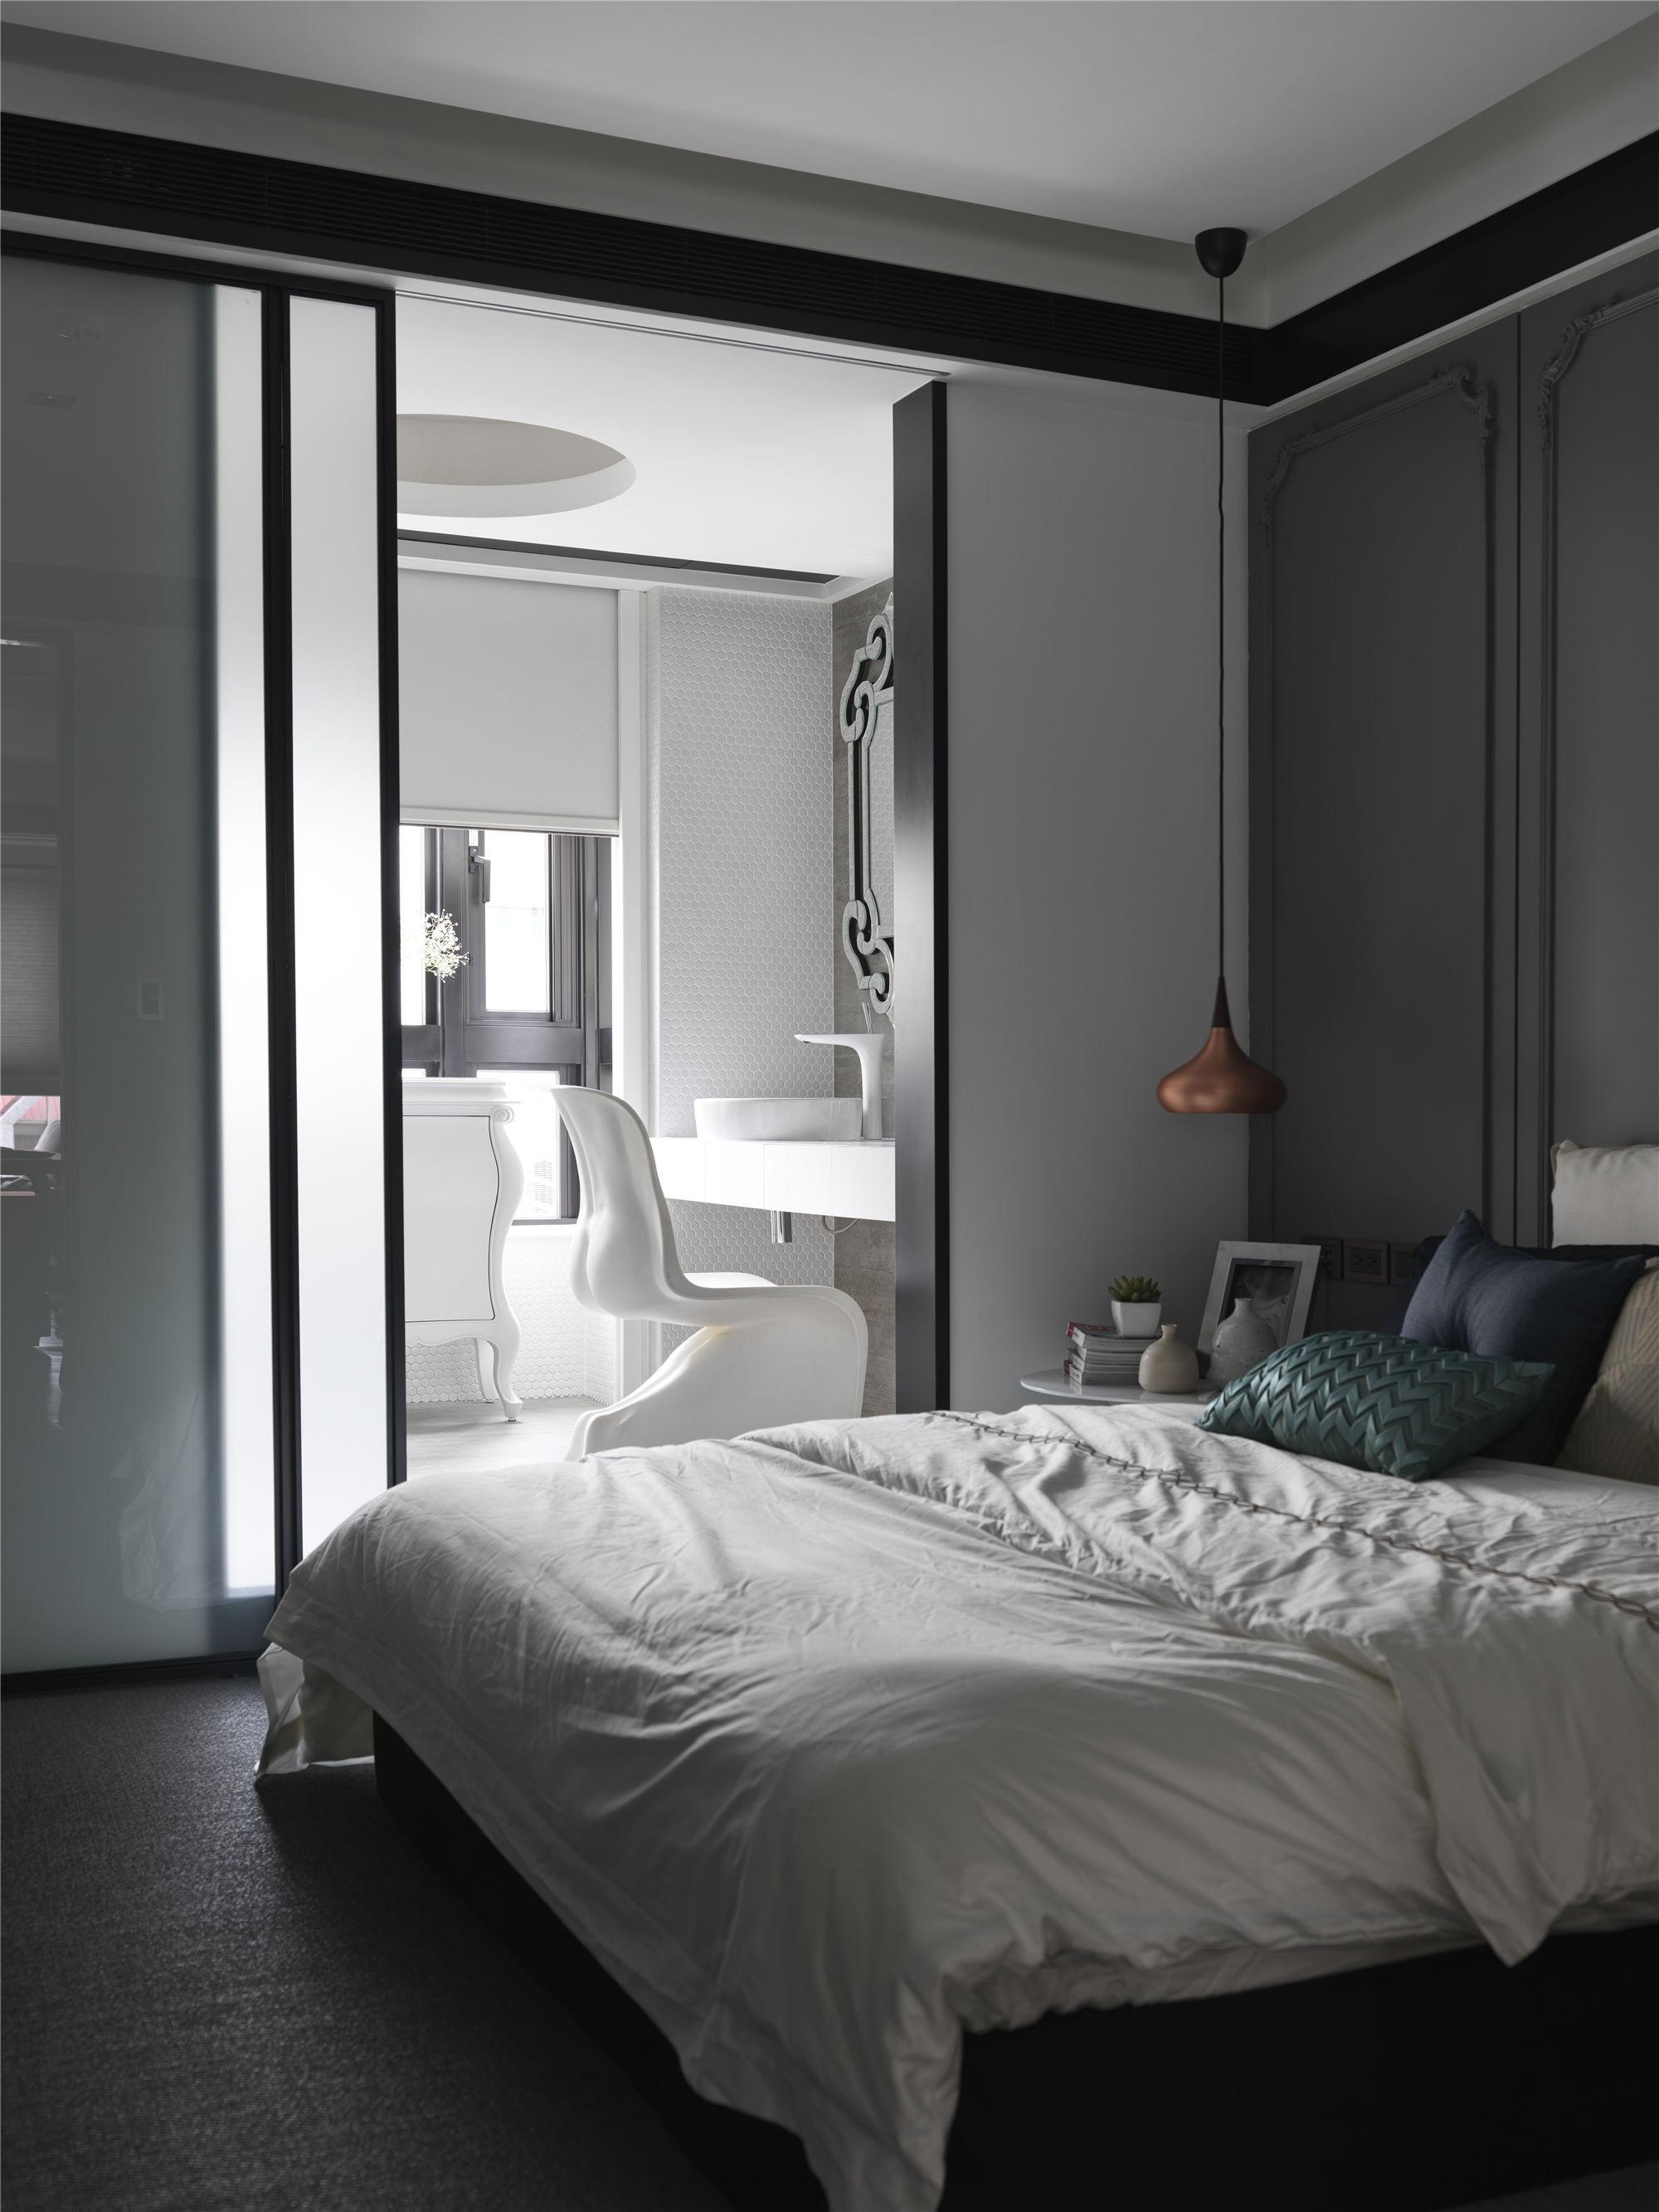 黑白灰现代简约空间装修卧室效果图